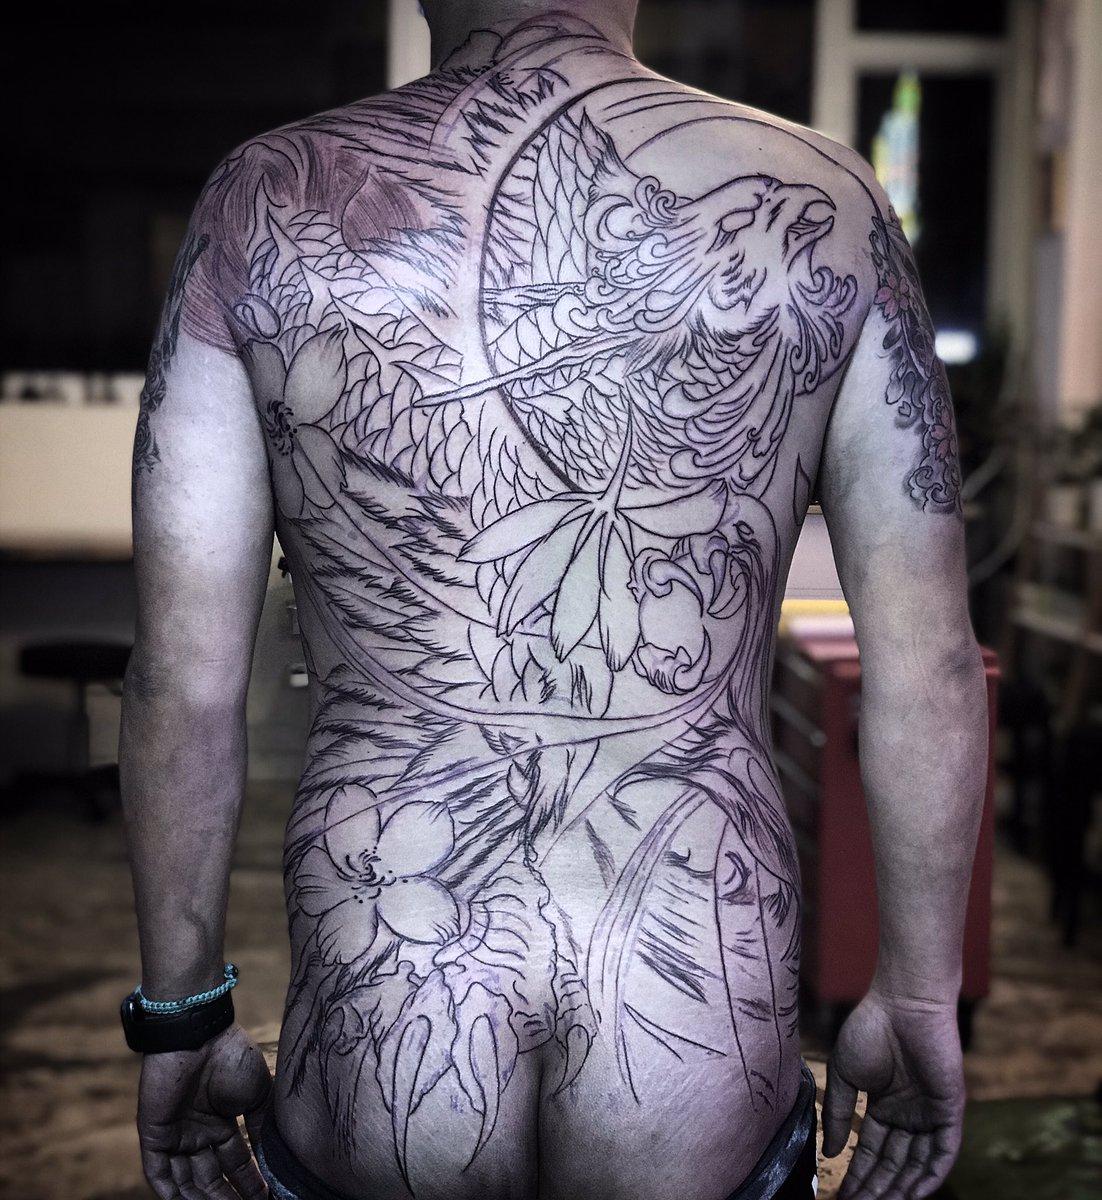 #tattooideas #tattooing #tattoostyle #tattoomodel #tattooed #tattooedgirls #tattoolife #tattooer #tattooart #tattoodesign #drawing #drawings #刺青 #紋身 #香港紋身店 #香港紋身 #hongkong #hongkongtattoo #hktattoo #hktattooshop #artist #art #artwork #tattoosleeve #tattoo2me #tattoo